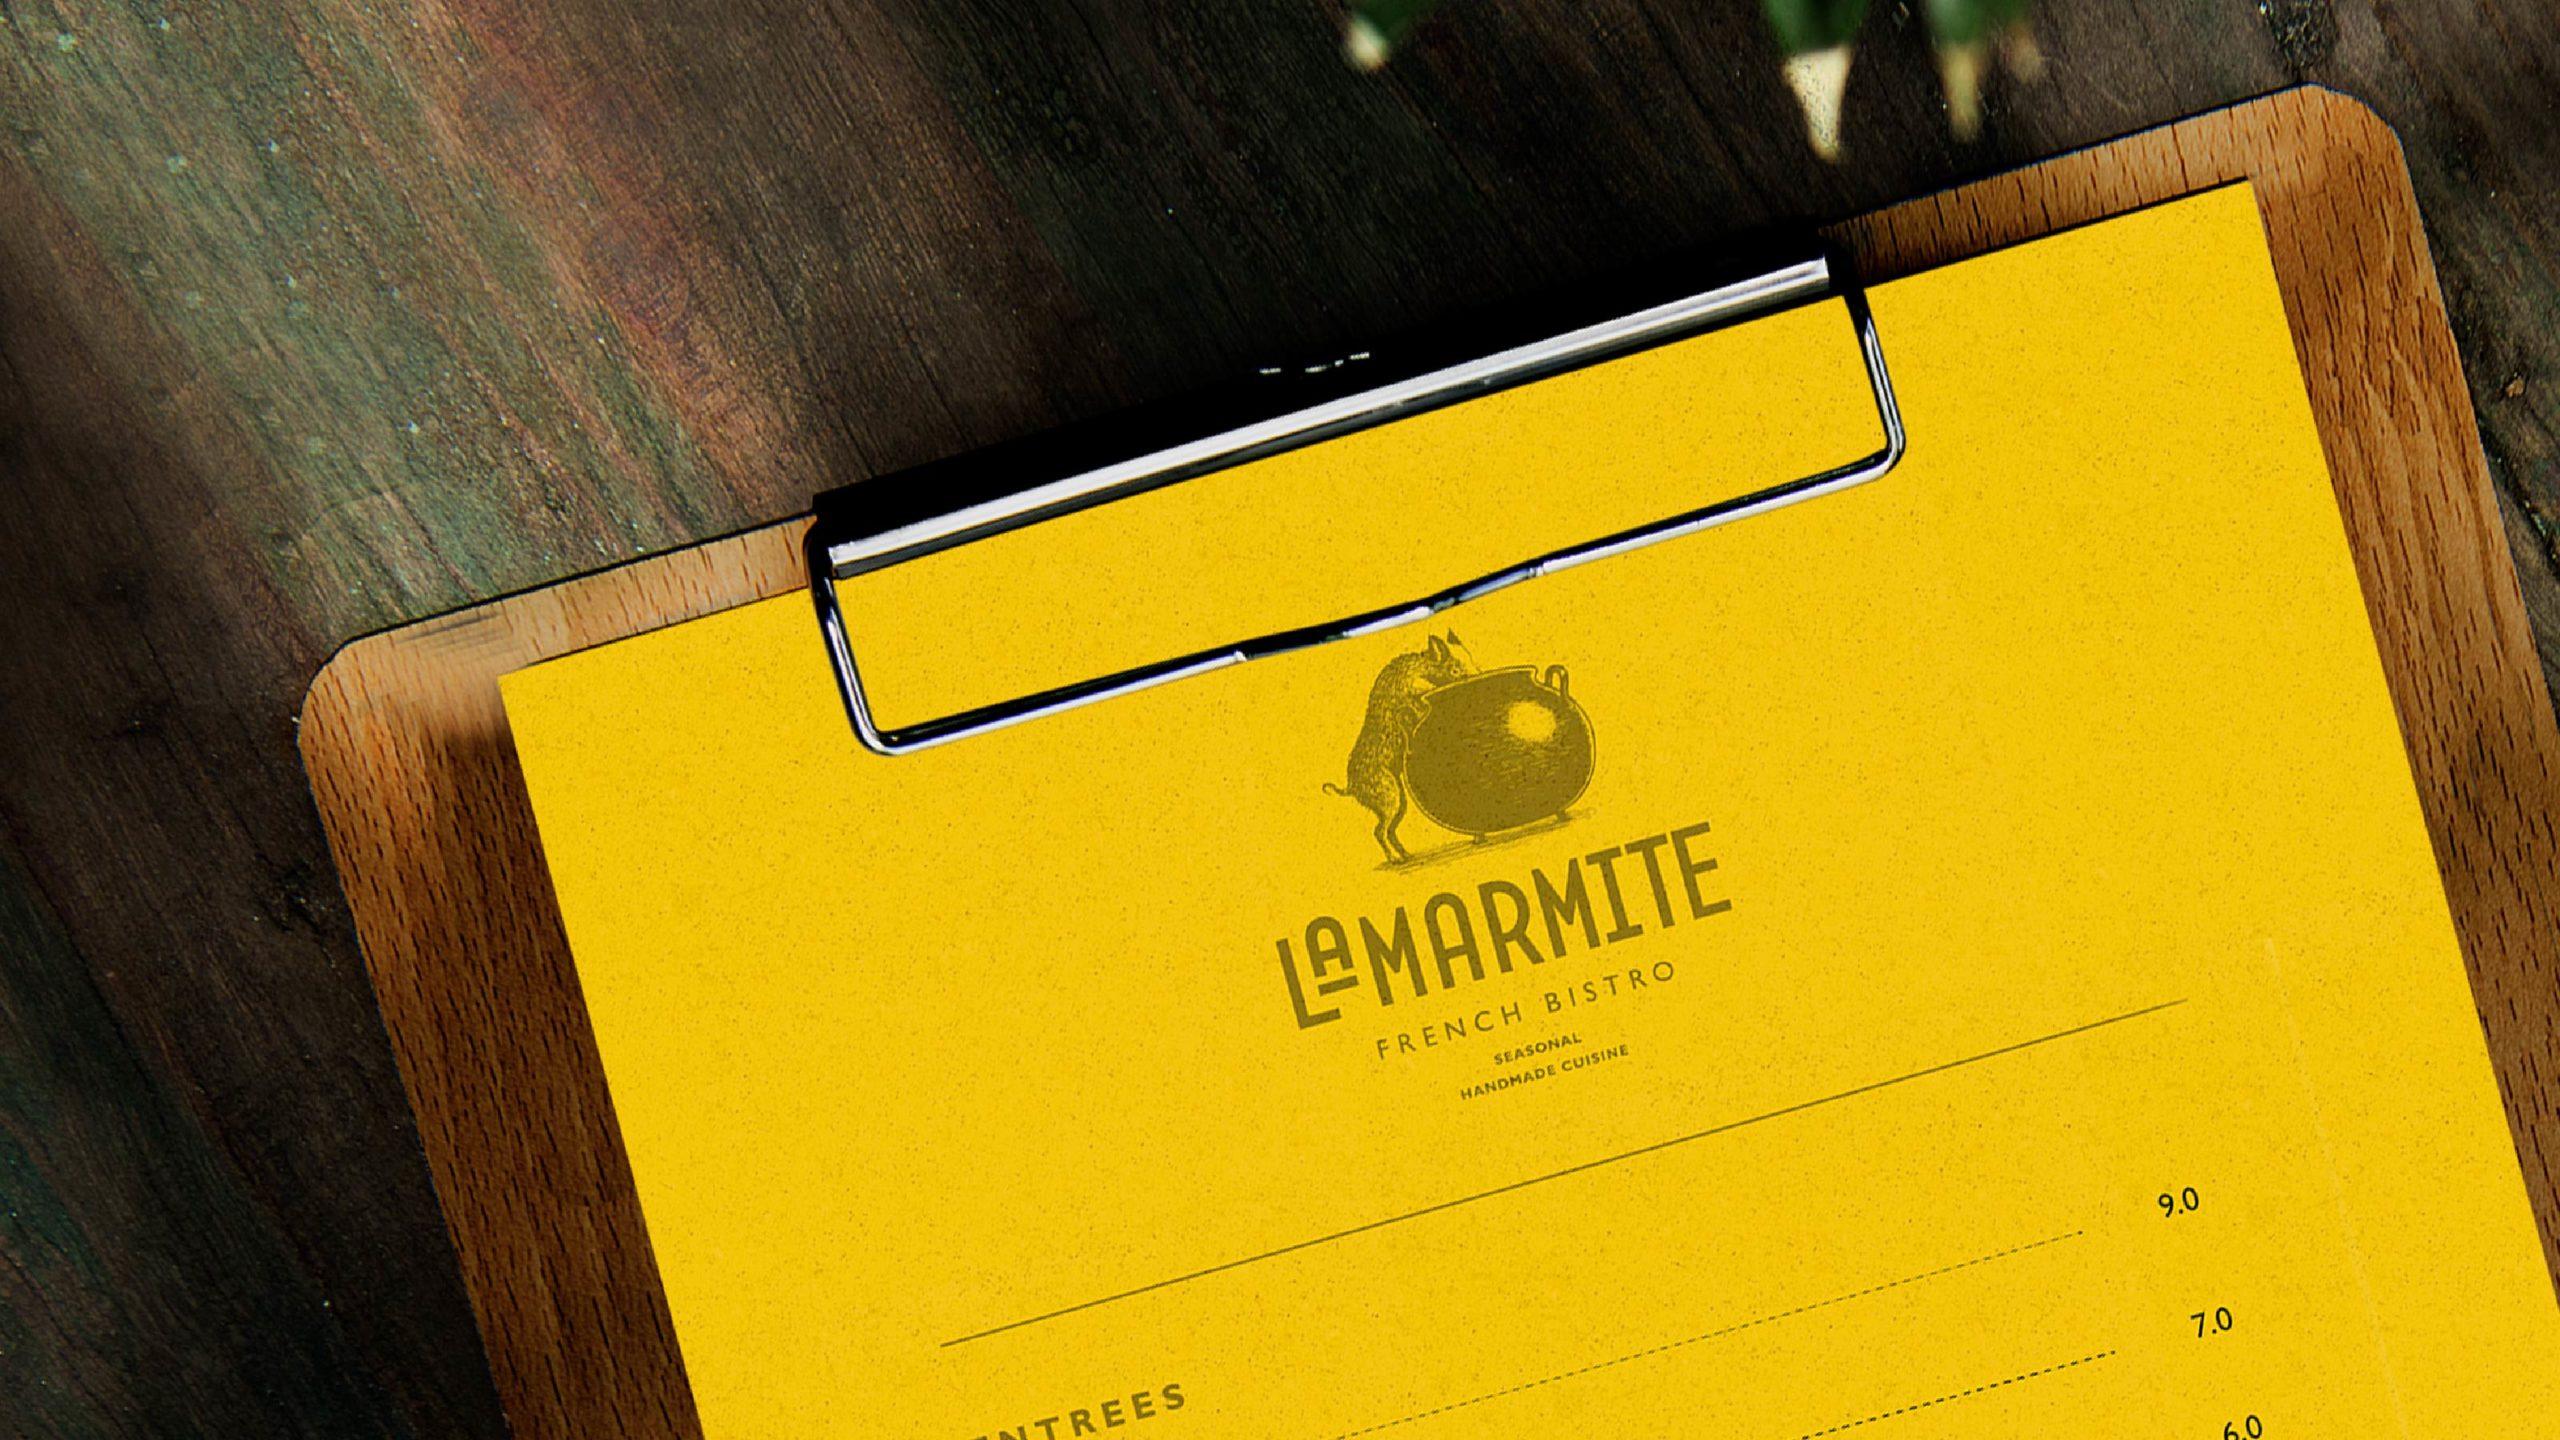 LaMarmite menu design